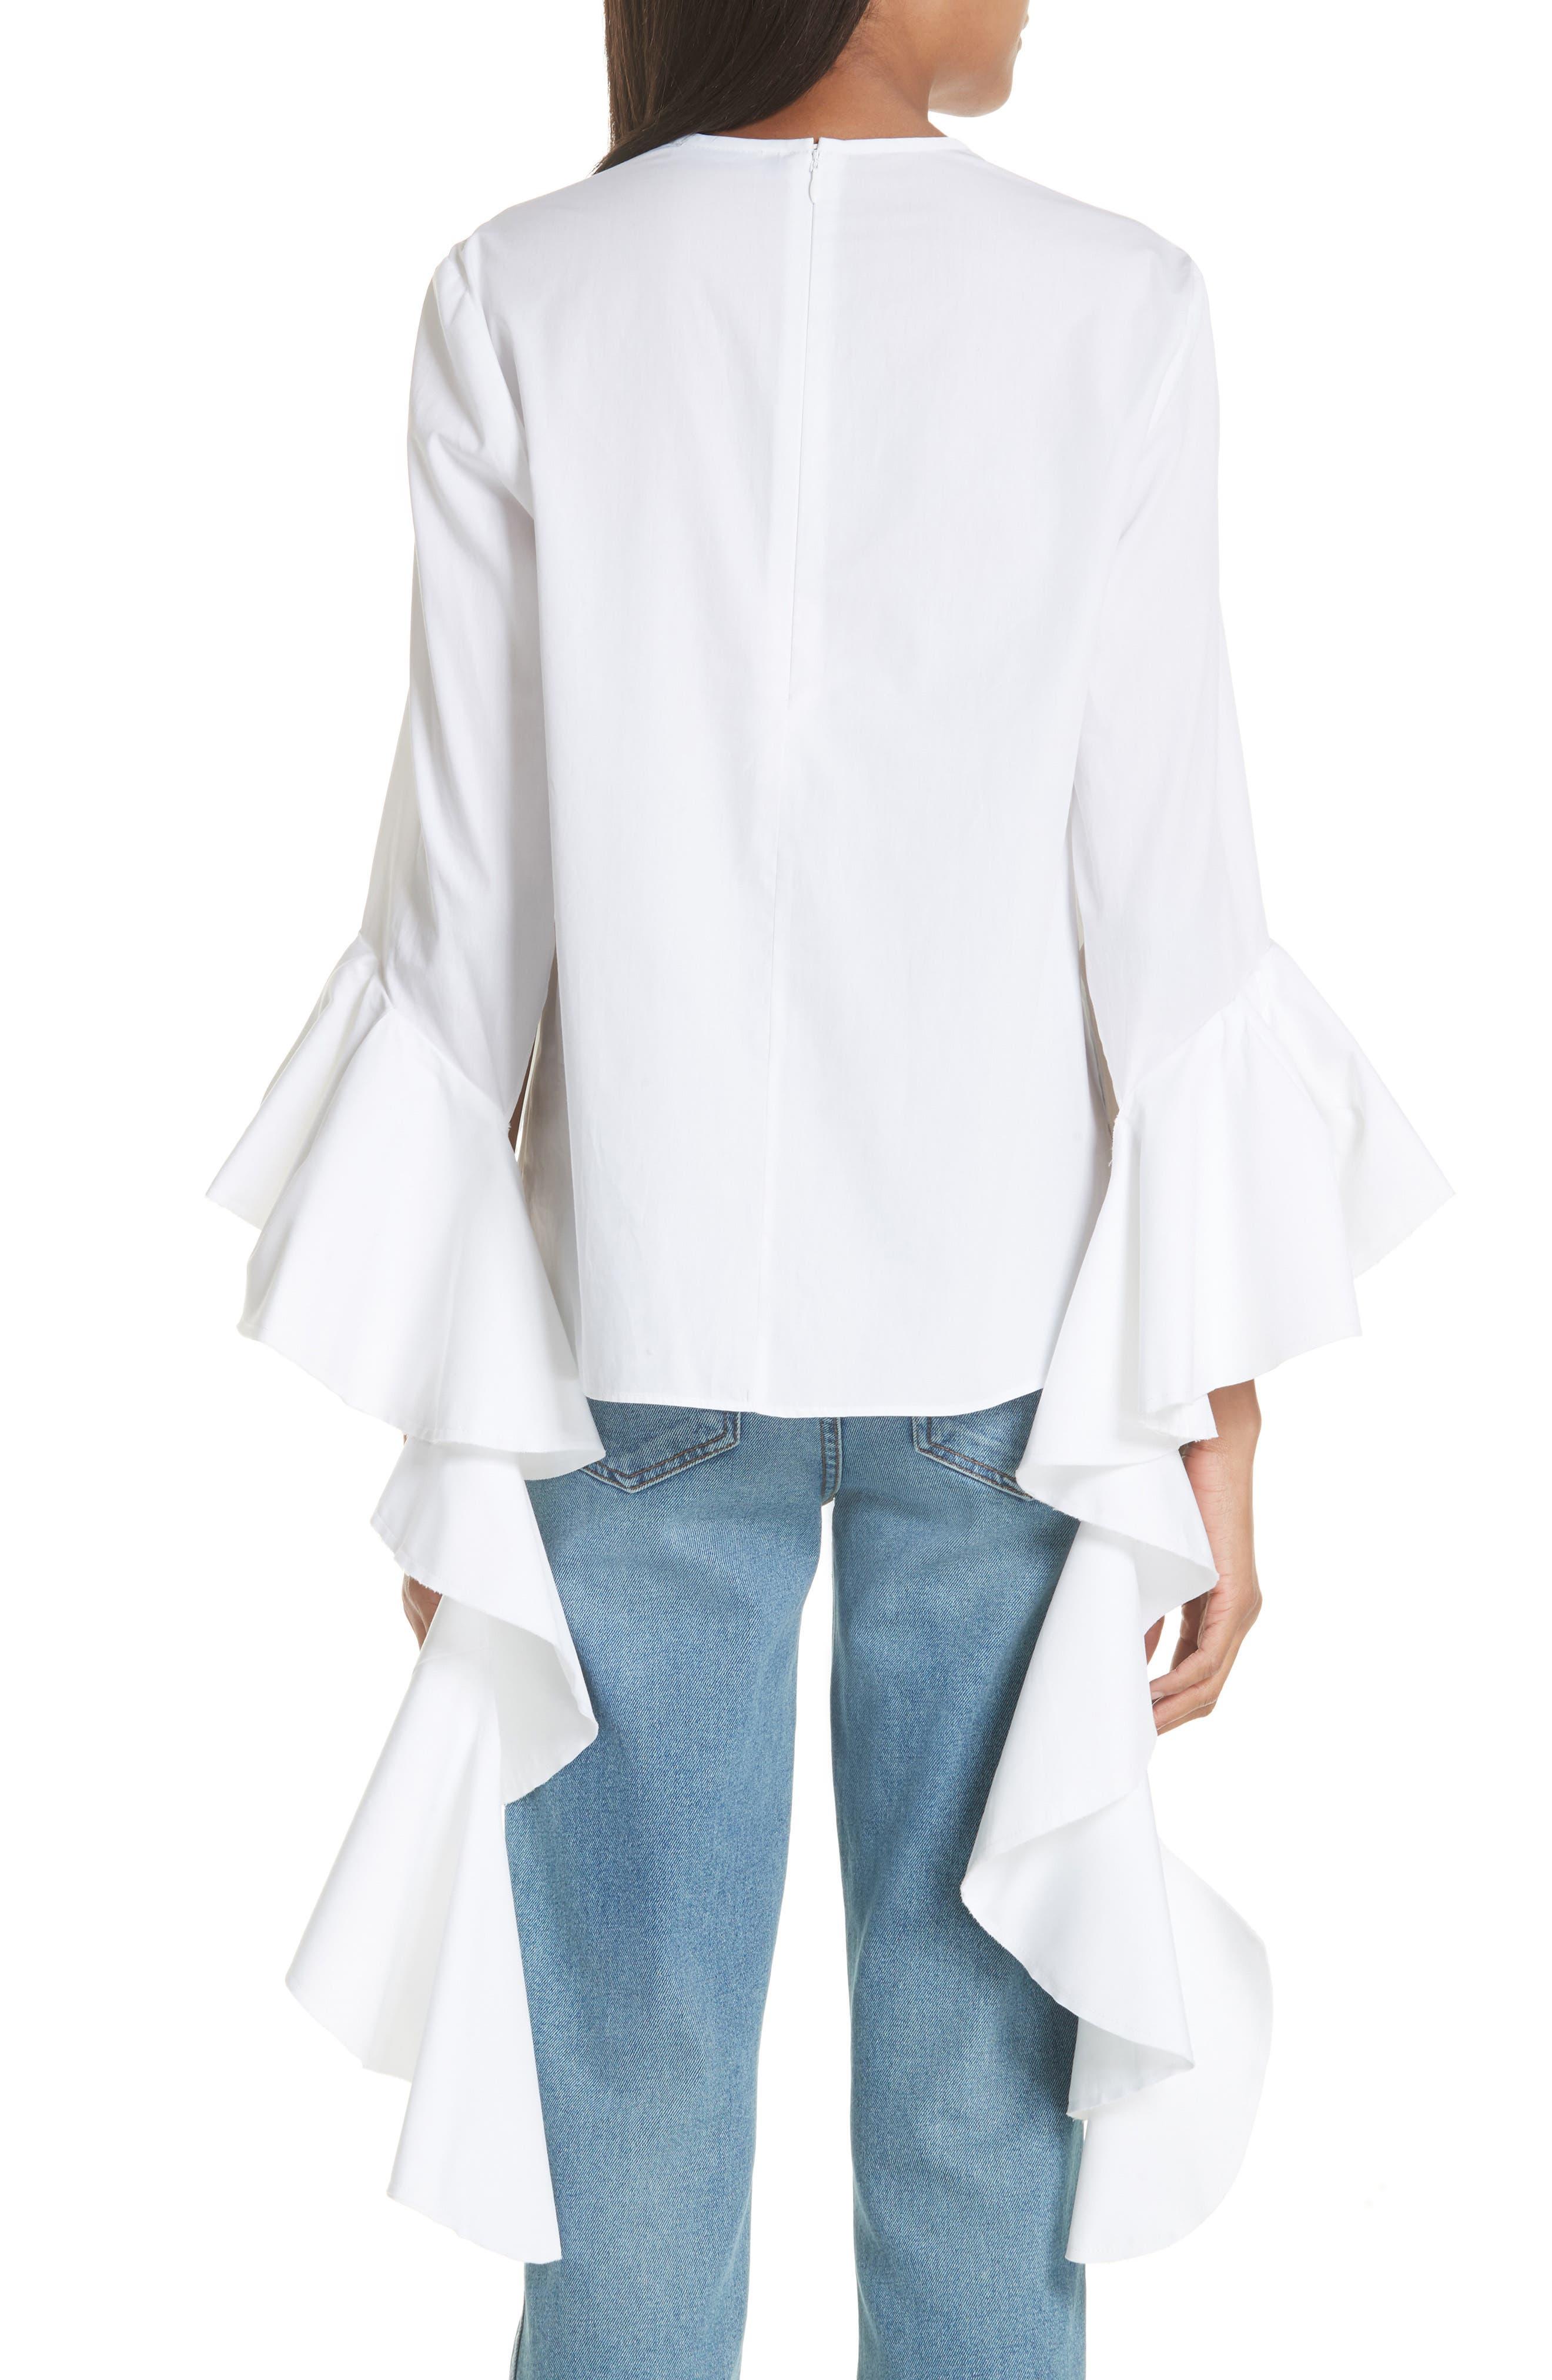 Emmeline Frill Sleeve Top,                             Alternate thumbnail 2, color,                             White